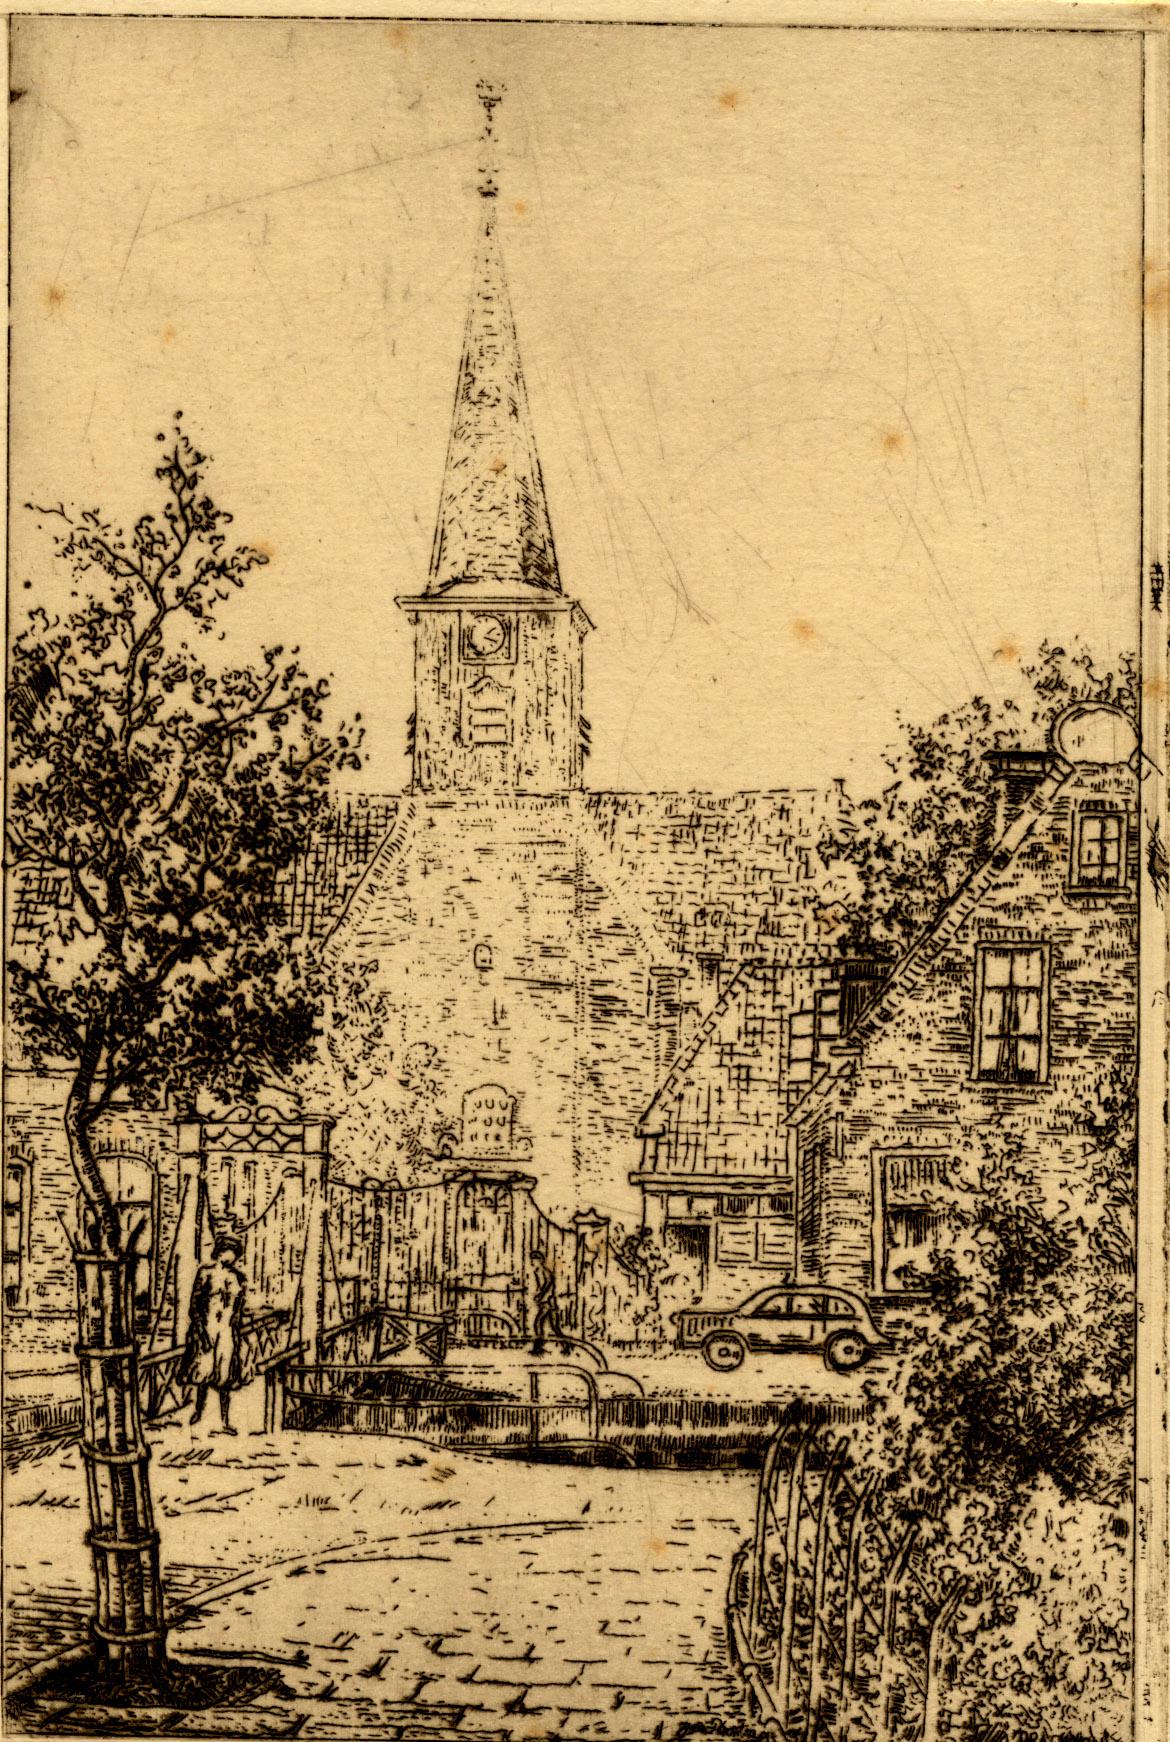 Ets van de Nederlands Hervormde kerk aan de Zuidkade, gezien vanaf de Noordkade.